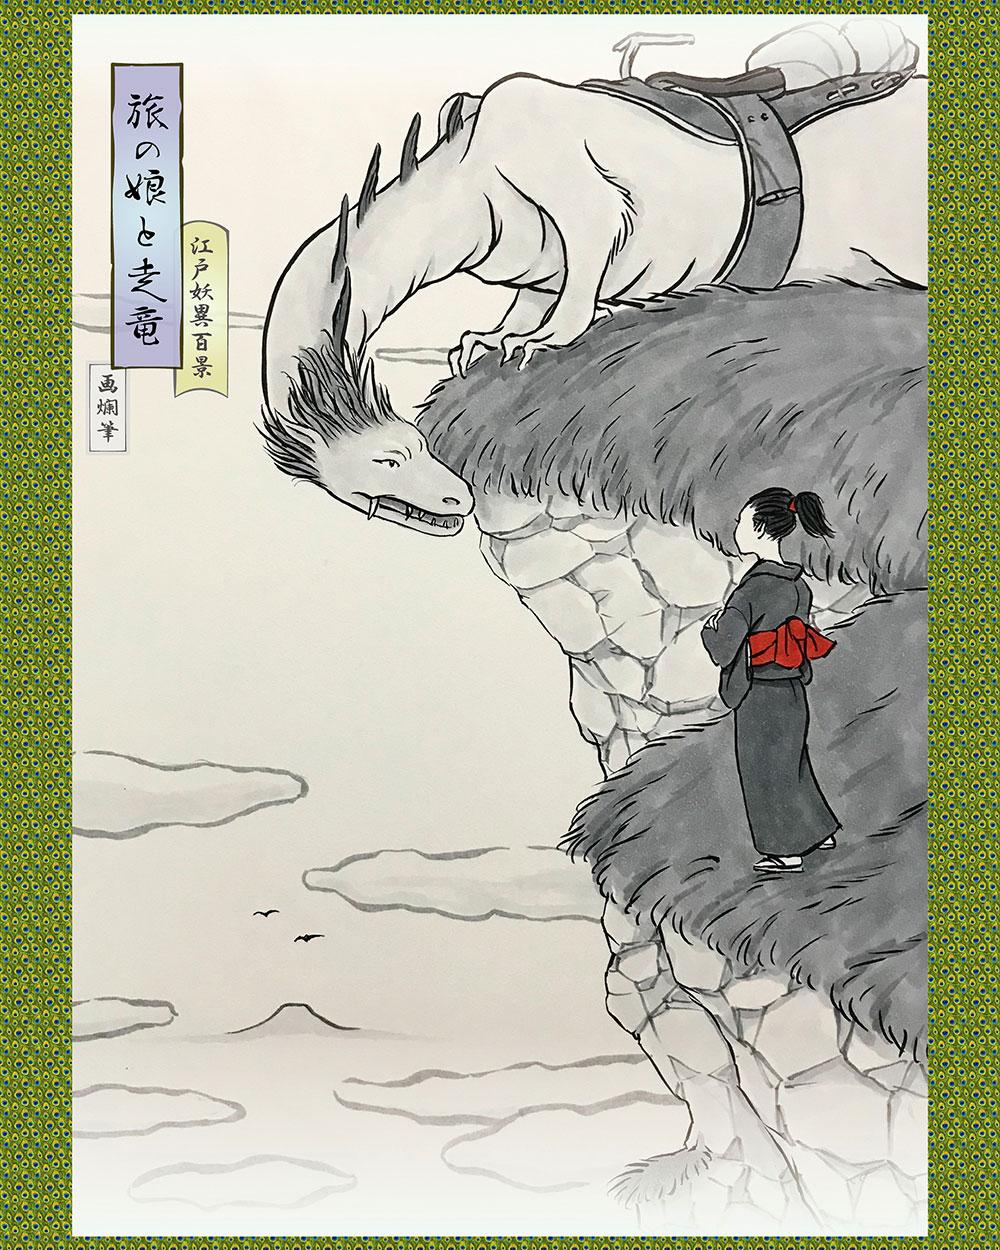 旅の娘と走竜 SO-RYU